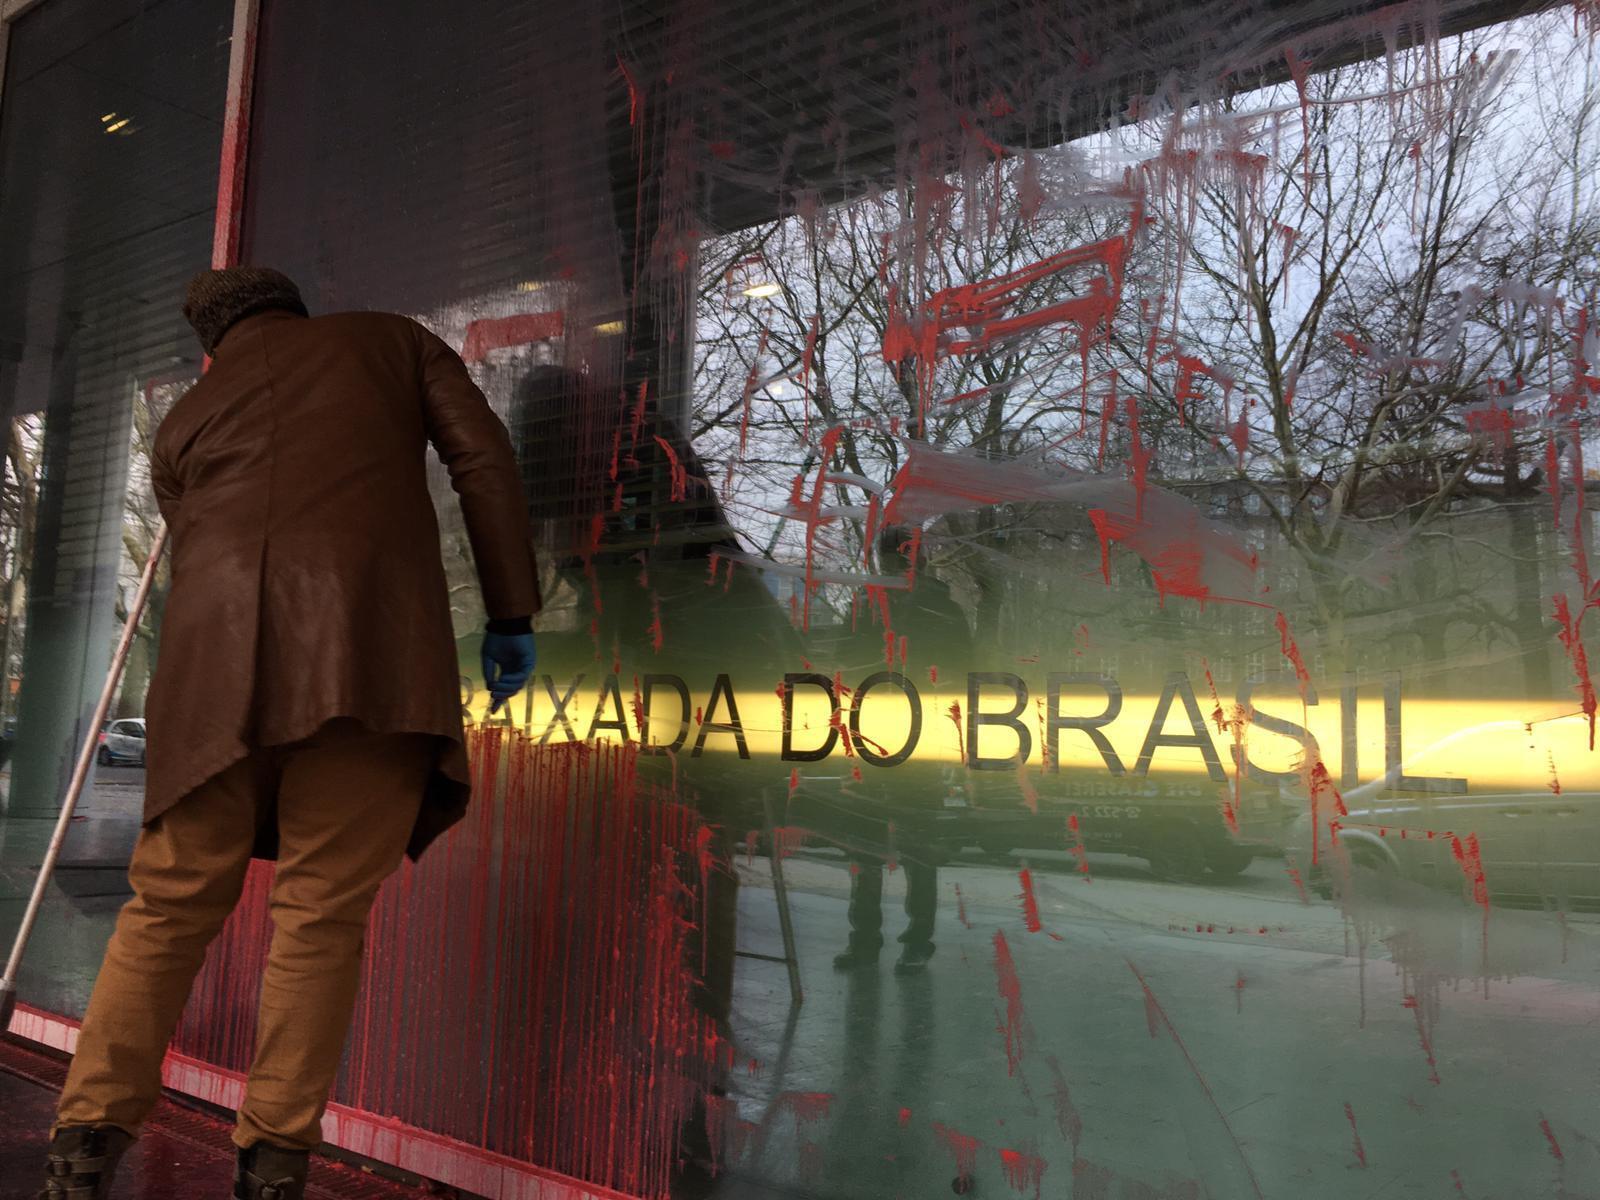 Funcionário limpa fachada da embaixada do Brasil em Berlim atingida por jatos de tinta vermelha.